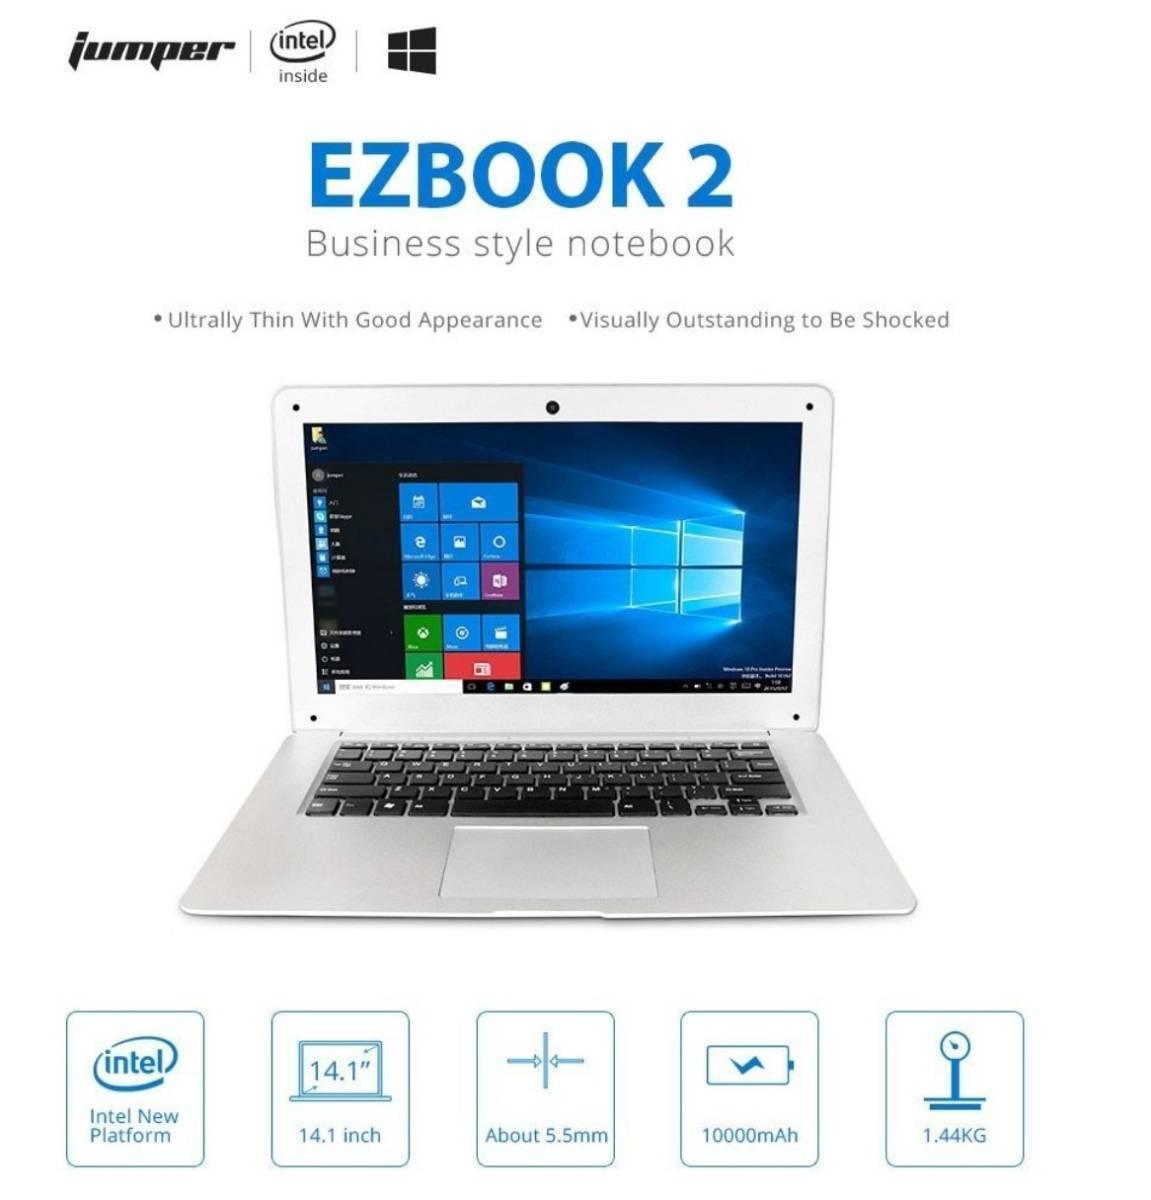 【最安値販売】Laptop Ezbook 2 Ultrabook インテルCHERRY TRAIL X5 Z8350 シルバー 14.0インチ Windows 10 【領収書発行可能】_画像3